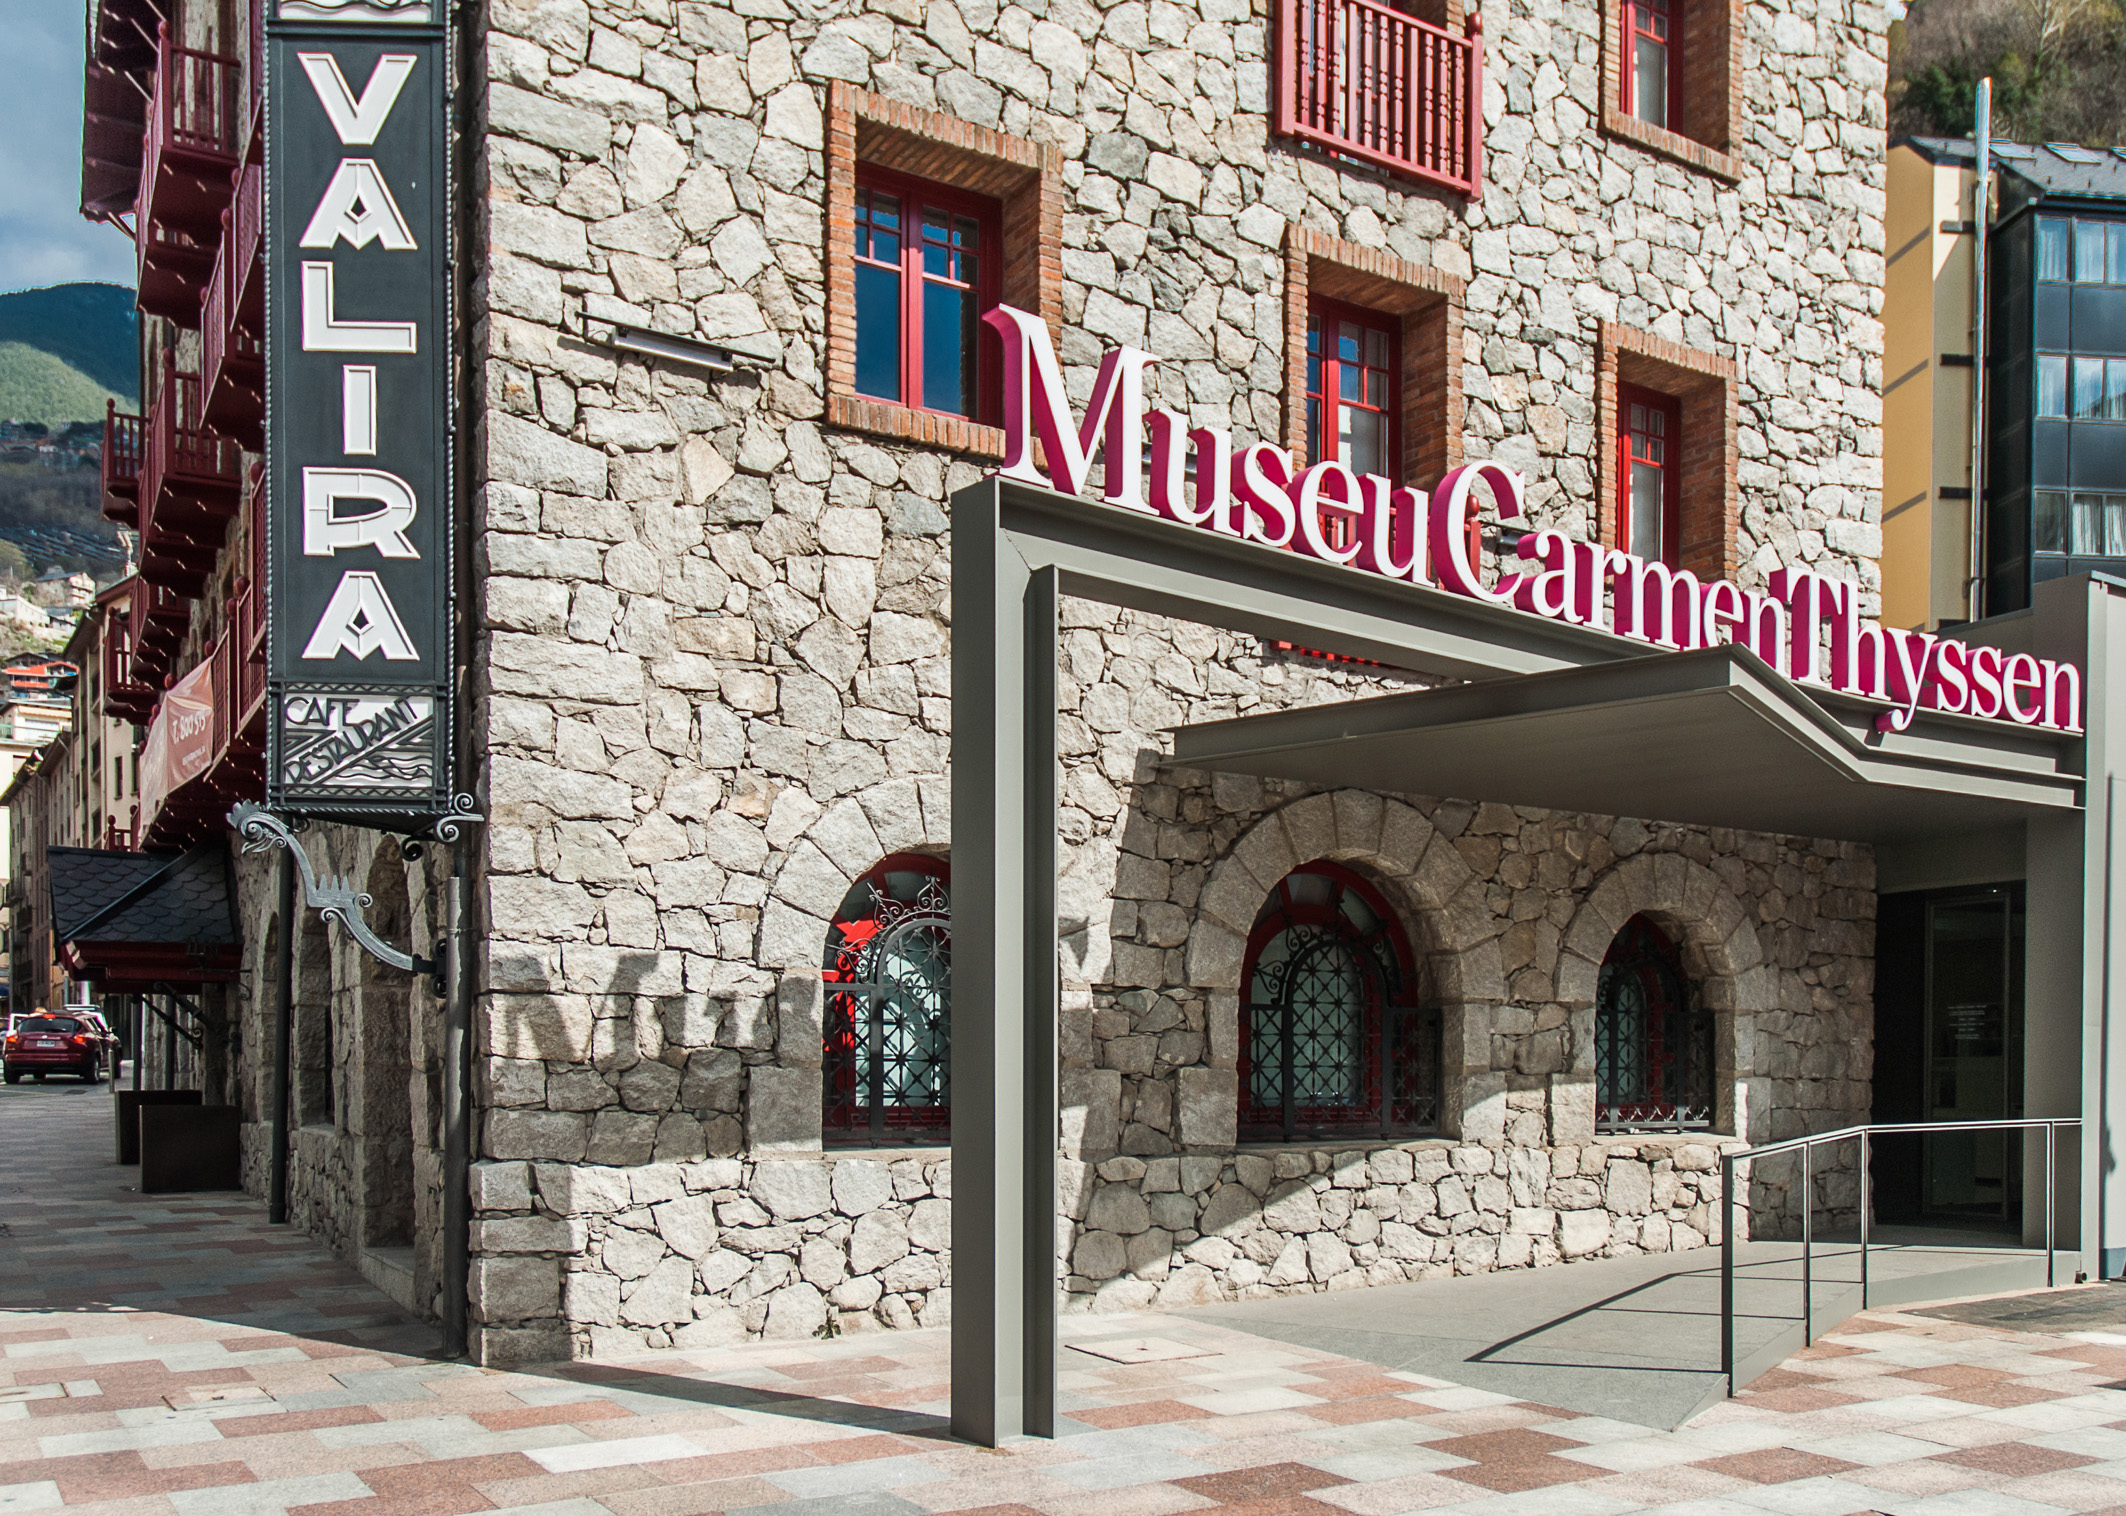 Gauguin, Matisse, Monet… Les grands maîtres des XIXe et XXe siècles s'exposent dans la Principauté. Découvrez ici le Musée Thyssen d'Andorre Depuis mars 2016, le nouveau Musée Thyssen d'Andorre est une halte obligatoire pour les amateurs d'art, en particulier de la peinture des XIXe et XXe siècles. Nous vous présentons ici cet espace consacré à l'art, les expositions que vous pouvez visiter et leurs horaires. Ne ratez pas cette opportunité de découvrir ce petit bijou de modernité en plein cœur des Pyrénées! Une grande salle des expositions à Escaldes-Engordany Le nouveau Musée Carmen Thyssen d'Andorre se trouve au rez-de-chaussée de l'historique hôtel Valira, un bâtiment classé comme bien immobilier par la Principauté, et qui est l'un des meilleurs exemples de l'architecture du granit dans notre pays. Ce musée occupe 500m2, dont 250m2 sont consacrés à la grande salle des expositions. Toute la superficie est parfaitement accessible et dotée des derniers progrès techniques à l'usage du musée. En ce sens, les nouvelles technologies jouent un rôle fondamental: le visiteur dispose d'écrans tactiles pour interagir directement avec l'œuvre, et profiter d'informations et de points de vue différents. Expositions du Musée Thyssen d'Andorre Les expositions du Musée Thyssen d'Andorre comptent certaines des meilleures œuvres de la collection privée de Carmen Thyssen. Des pièces de maîtres des XIXe et XXe siècles issues de son siège de Madrid et d'autres espaces artistiques lui appartenant, arrivent en Andorre. Ces œuvres représentent les principaux courants artistiques de l'époque: impressionnisme français et nord-américain, modernisme catalan, fauvisme, cubisme, expressionnisme allemand, hyperréalisme nord-américain, etc. Des expositions annuelles renouvelées tous les 11mois et des «expositions mixtes» créées en collaboration avec d'autres musées du monde. Ce centre d'art surprendra chaque année les visiteurs, même les plus assidus, avec de nouvelles œuvres. Ce n'est pas un has